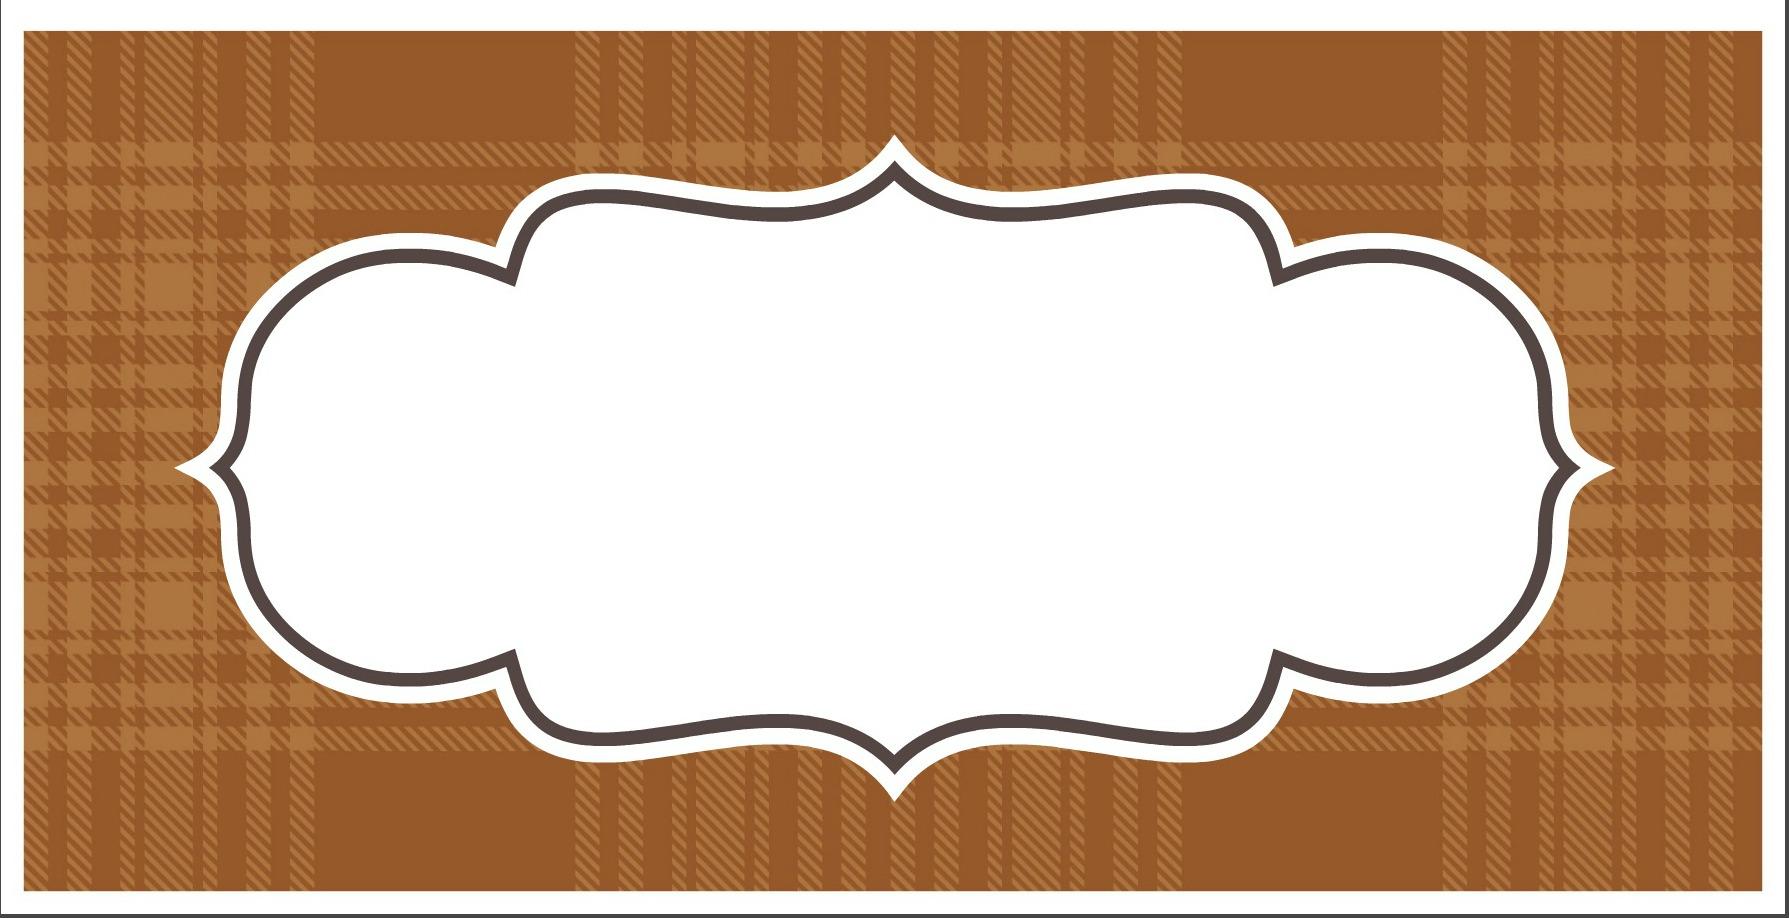 image regarding Printable Thanksgiving Name Cards named Thanksgiving Printables - Events for Pennies